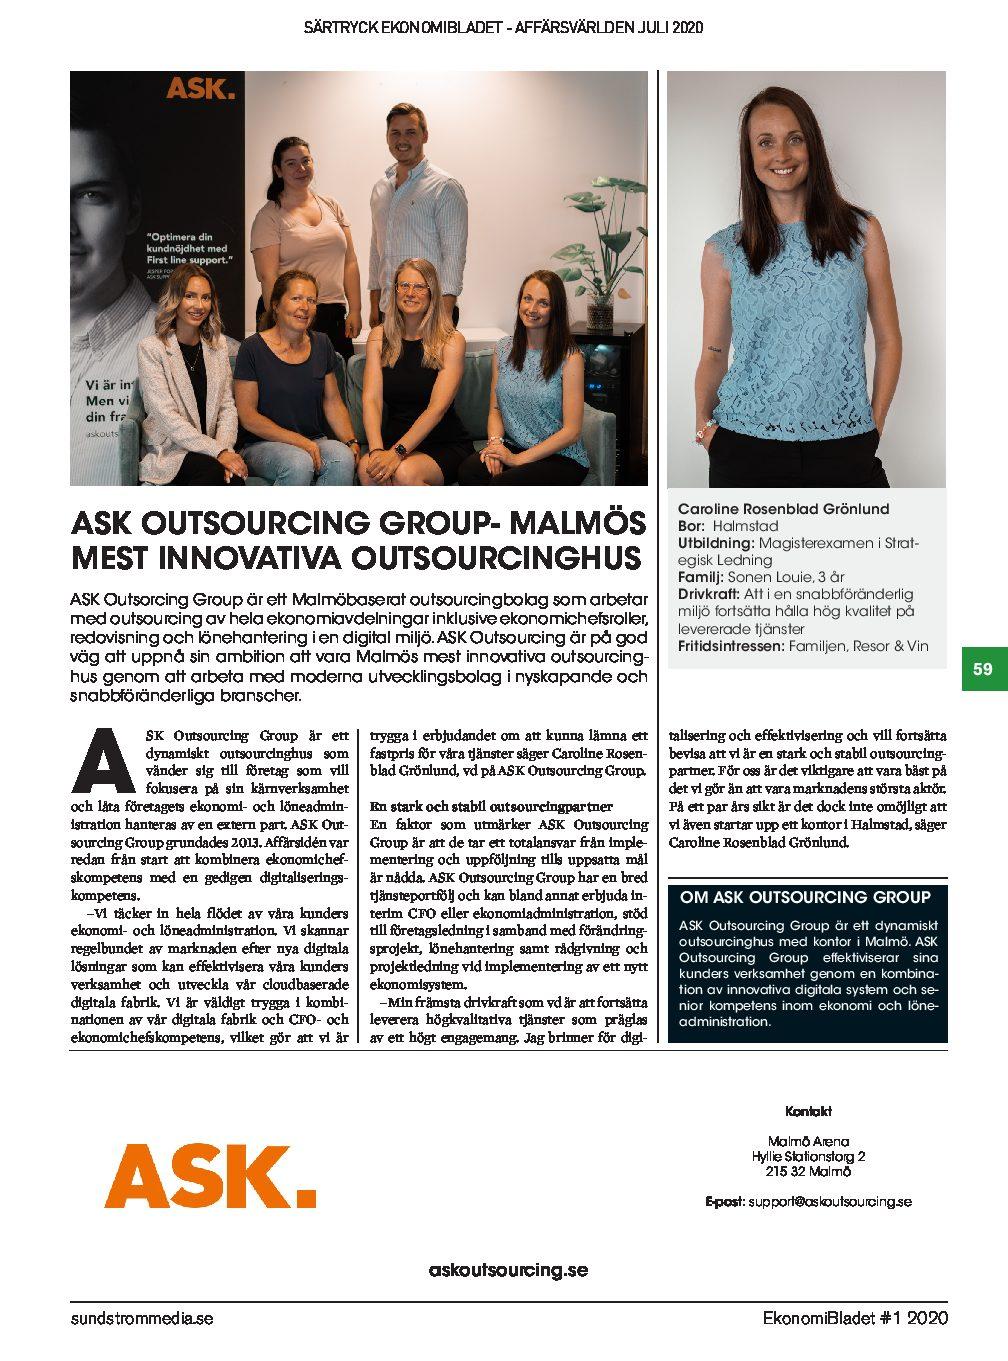 ASK Outsourcing uppmärksammas i månadens nummer av Affärsvärlden!